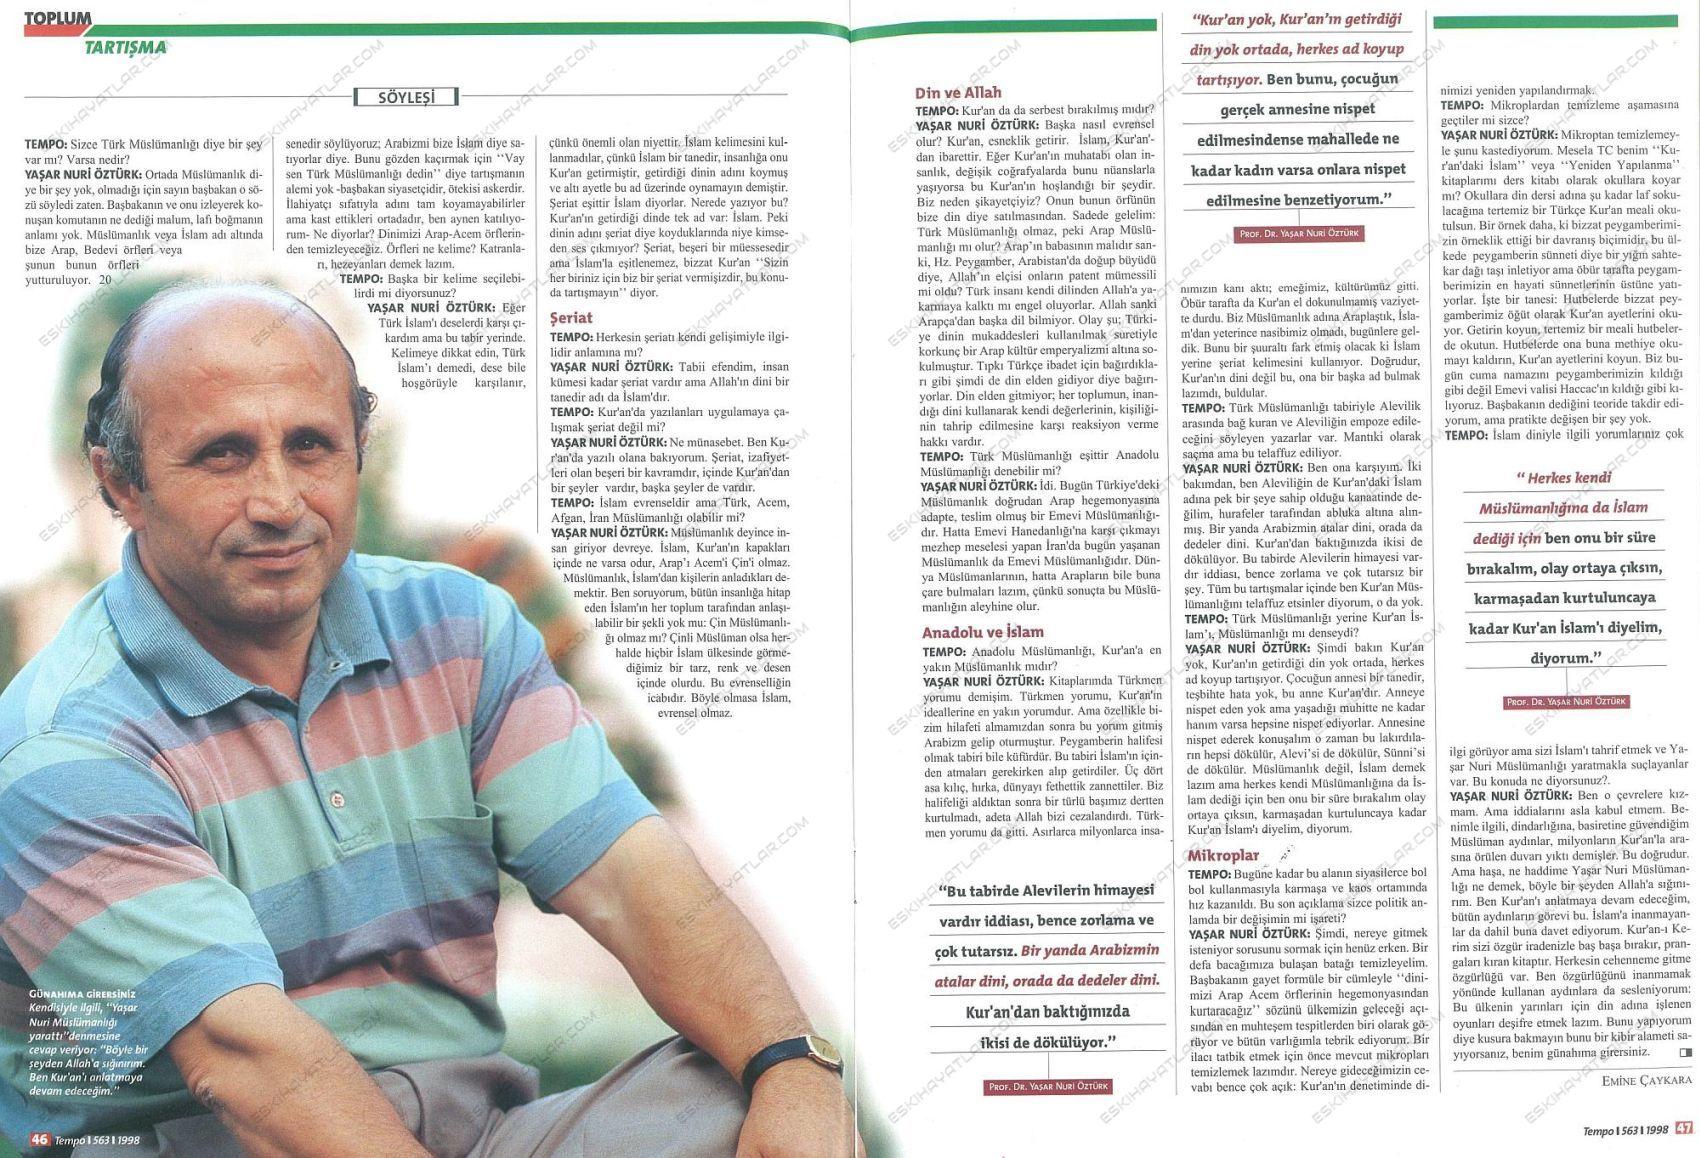 0357-yasar-nuri-ozturk-haberleri-1998-tempo-dergisi (4)